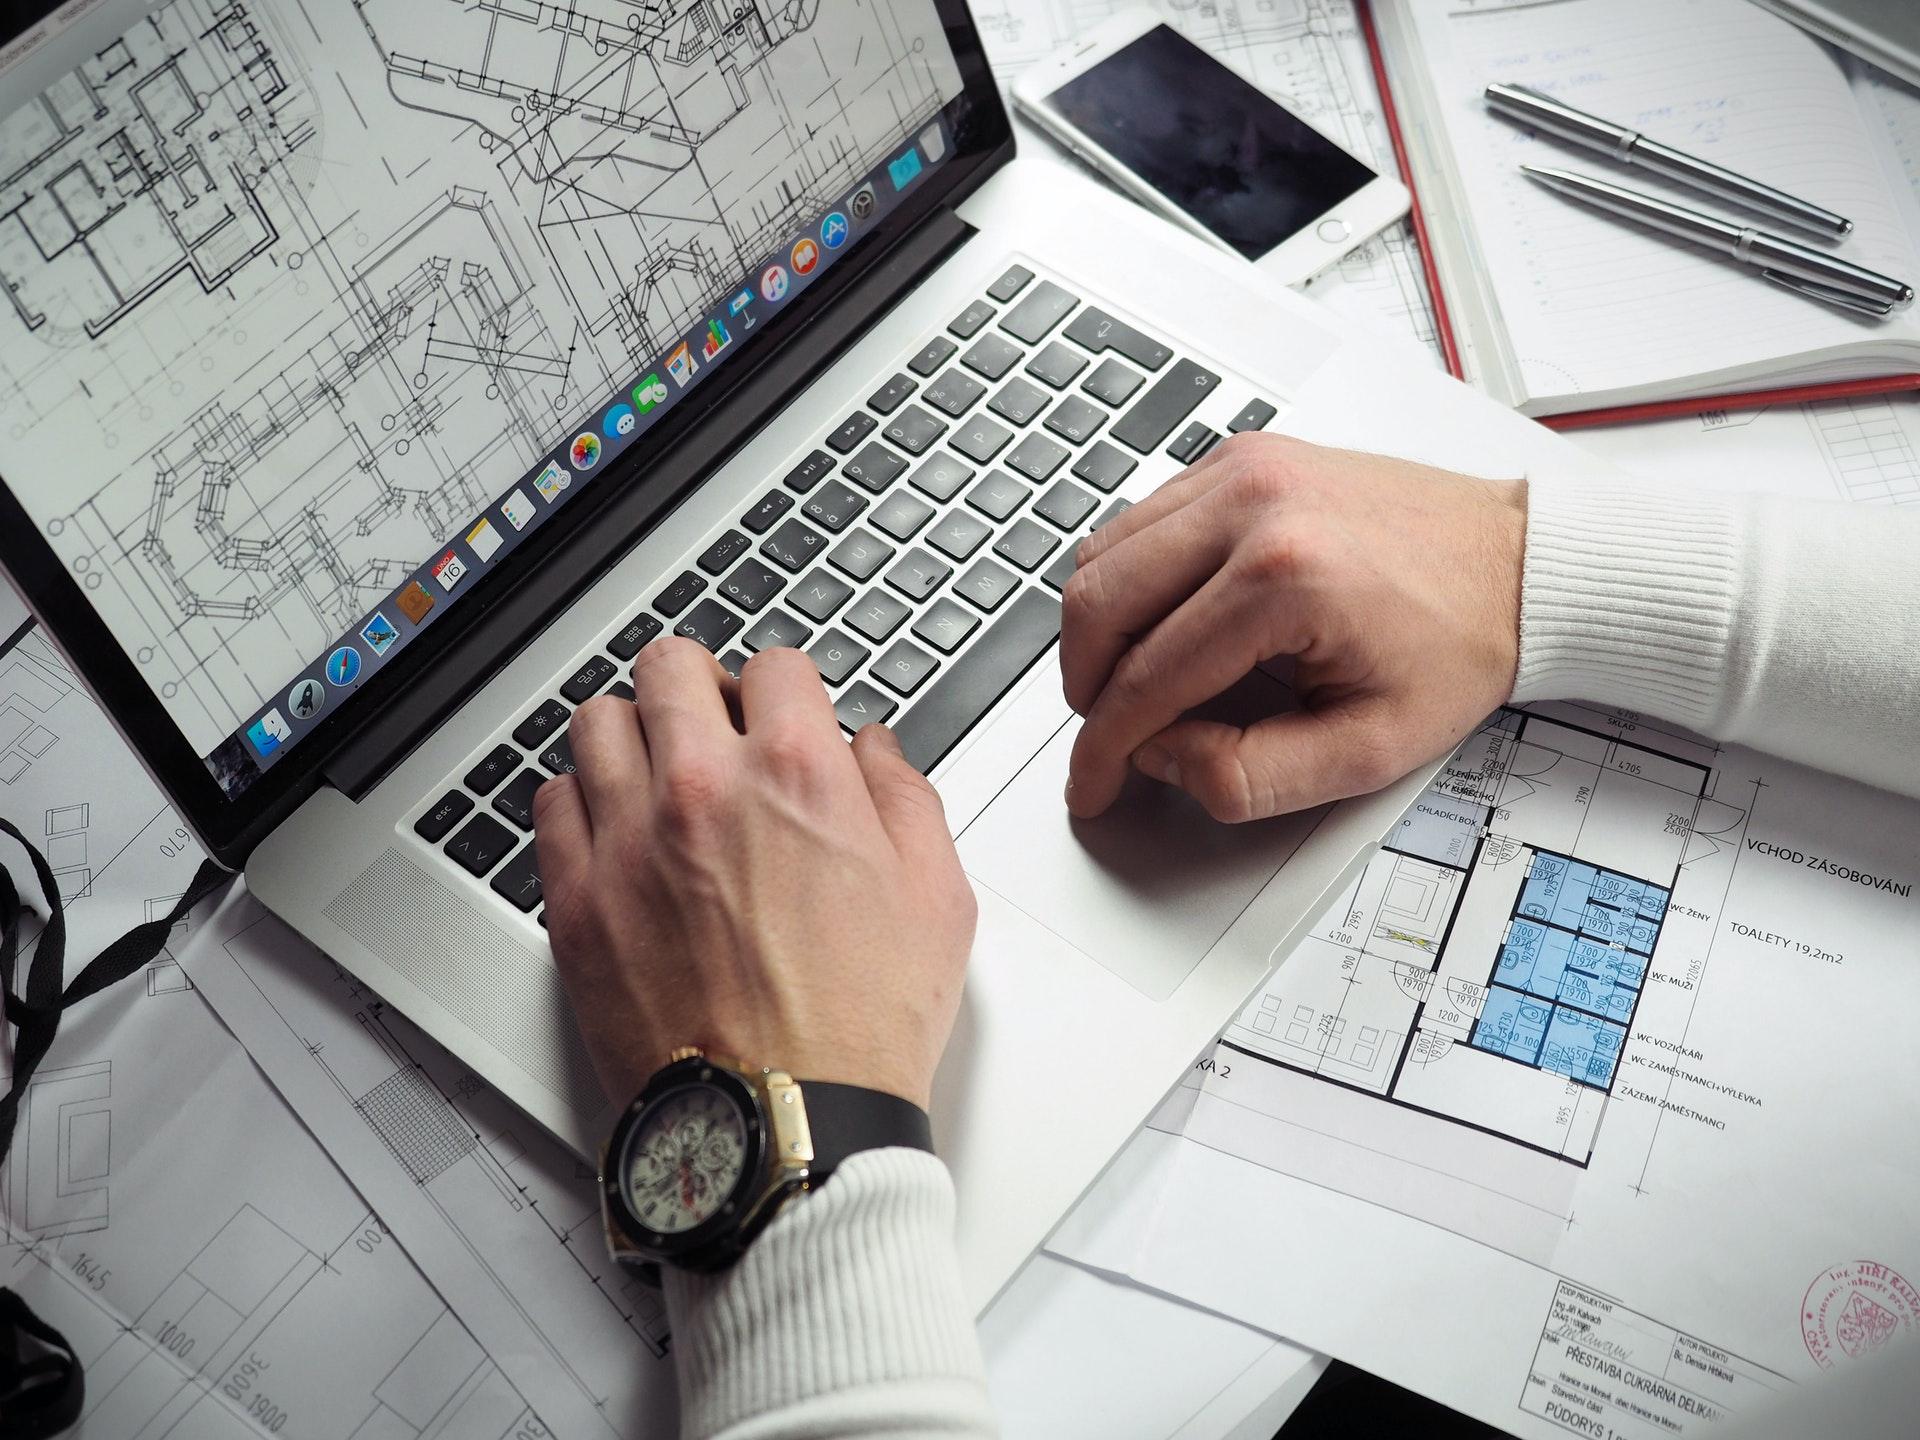 Architect using laptop